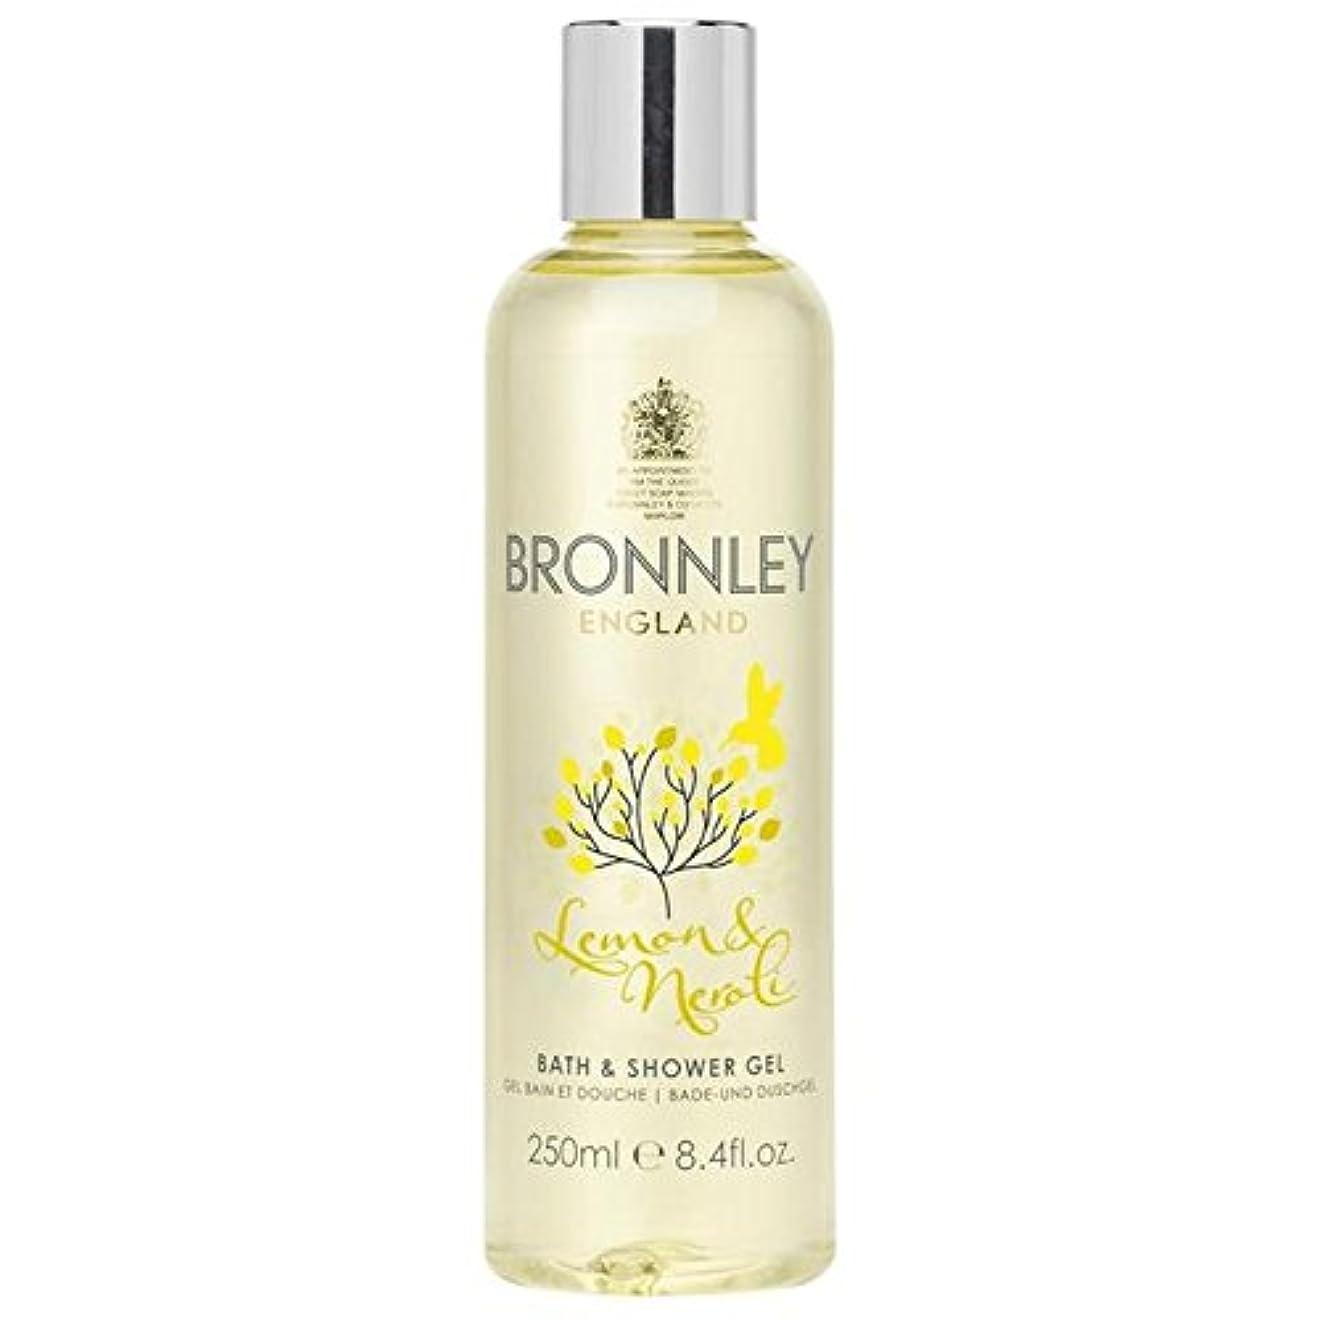 バランスのとれた膿瘍特別にBronnley Lemon & Neroli Bath & Shower Gel 250ml - レモン&ネロリバス&シャワージェル250ミリリットル [並行輸入品]